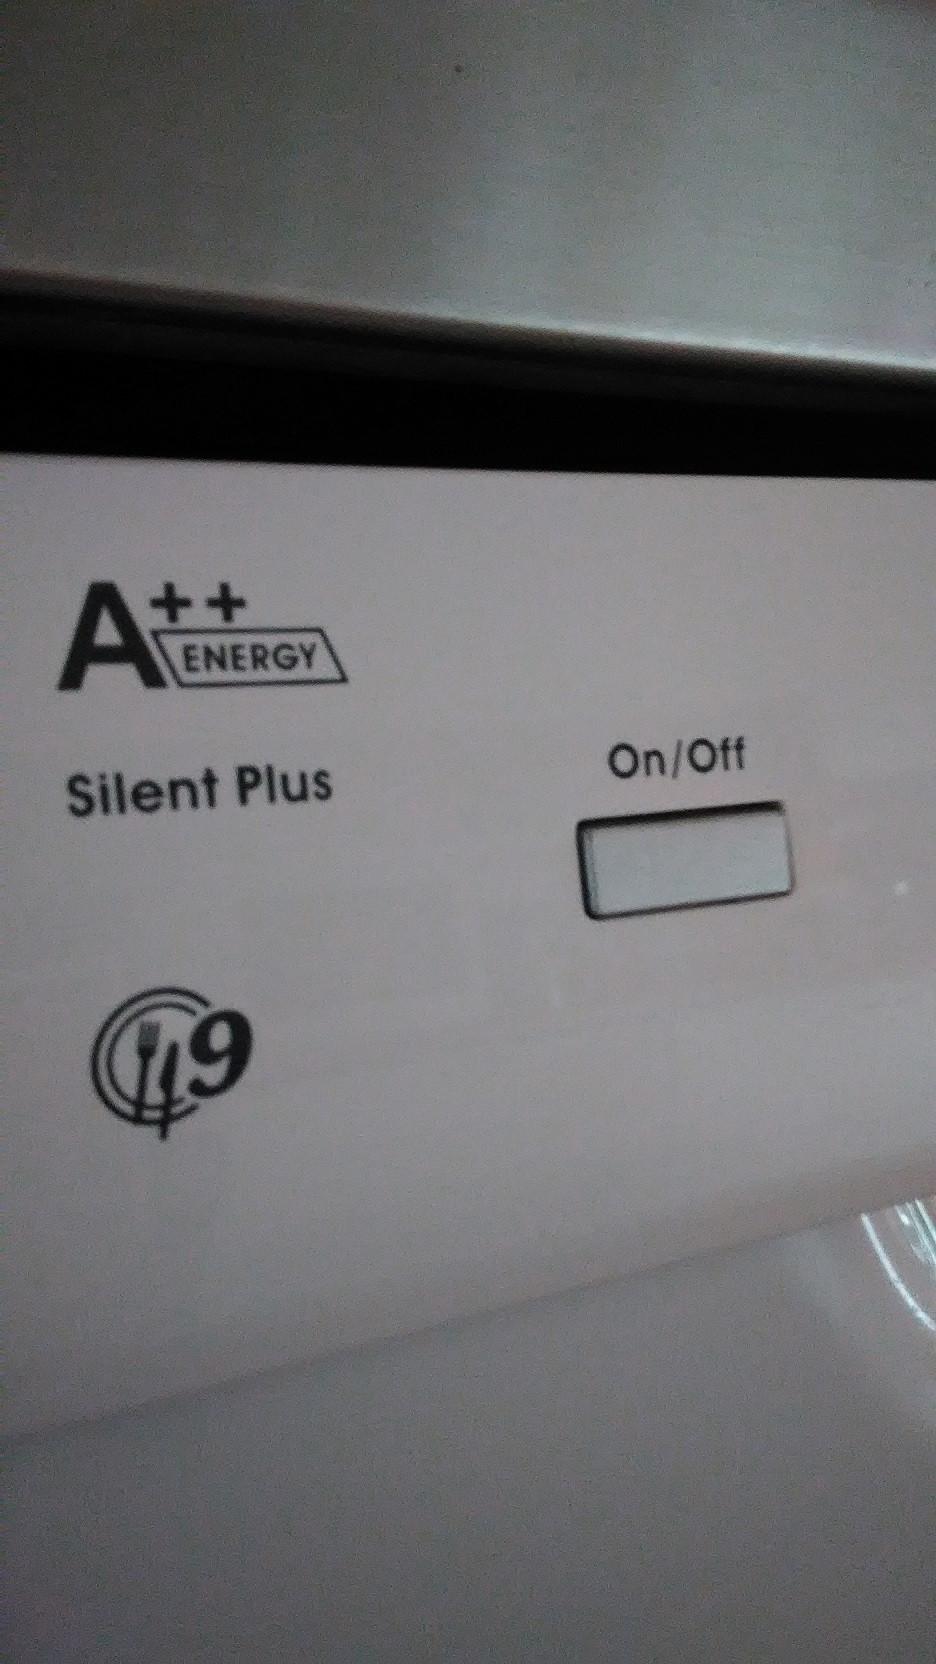 Energiatehokkaat kodinkoneet ovat hyvä valinta.